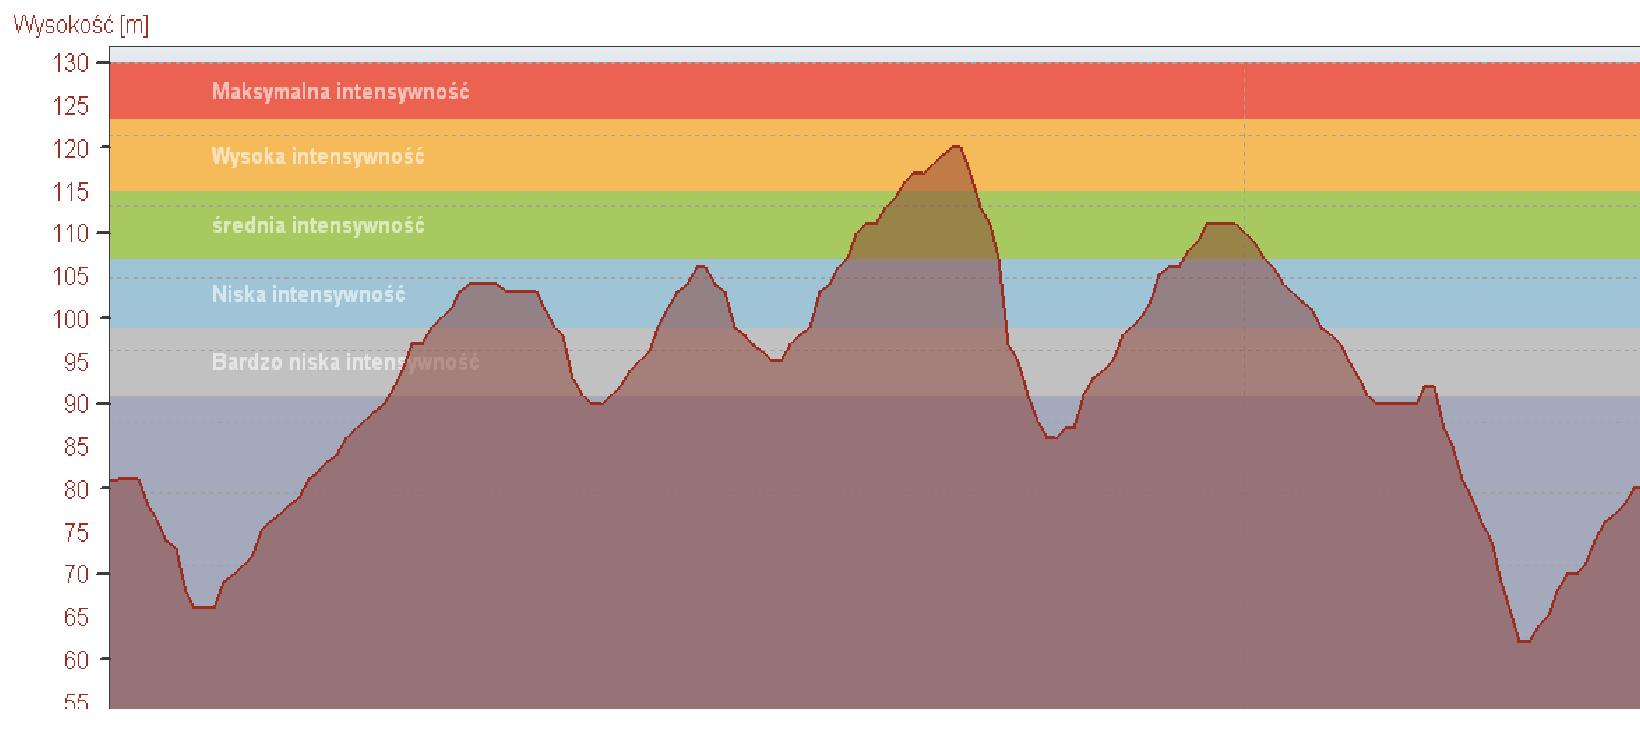 gryf maraton profil trasy trzy wieze